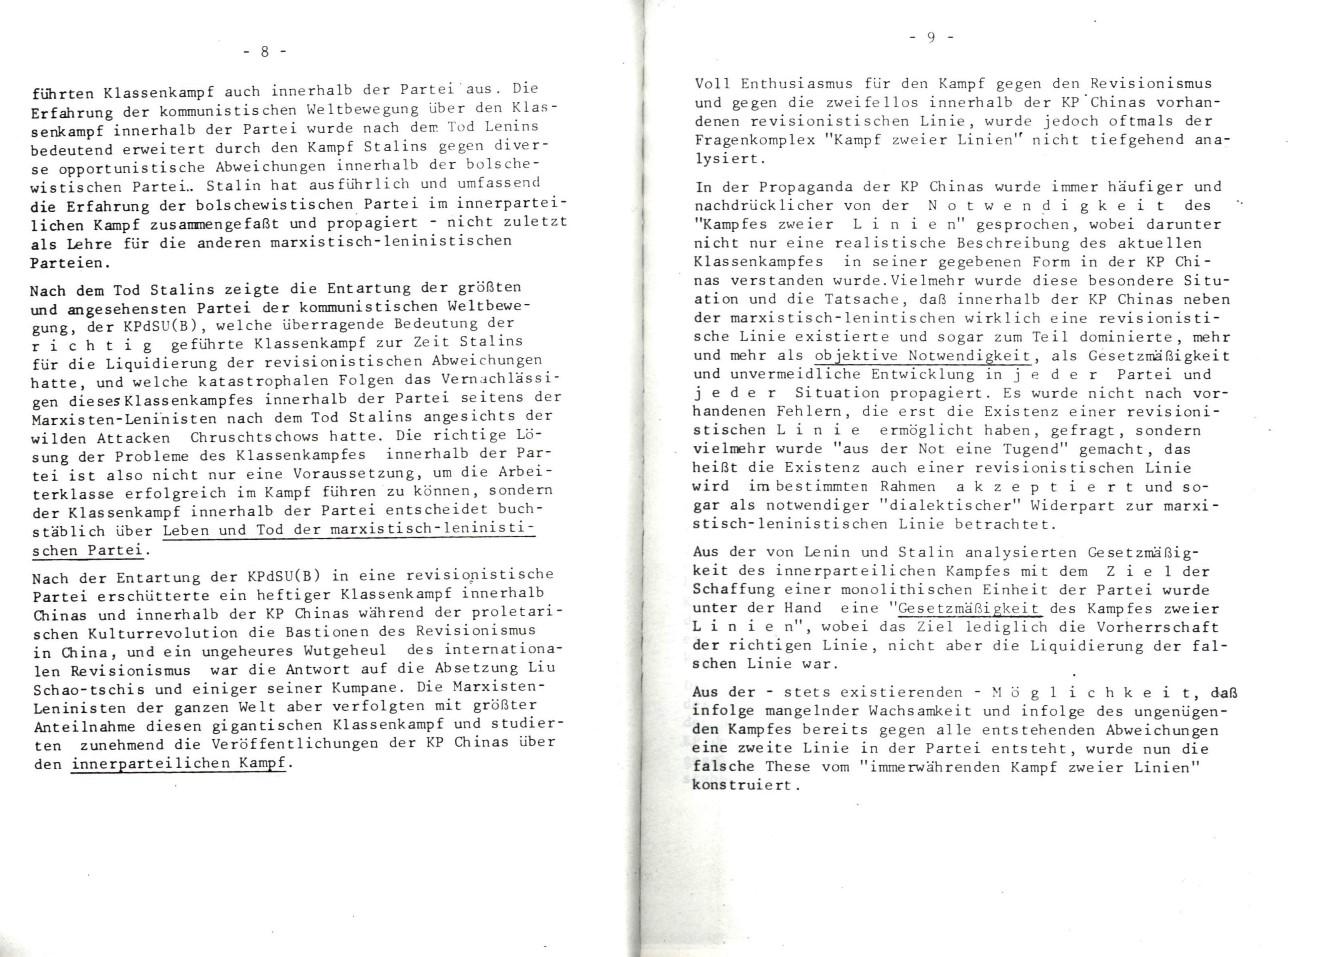 MLSK_Theorie_und_Praxis_des_ML_1979_25_05